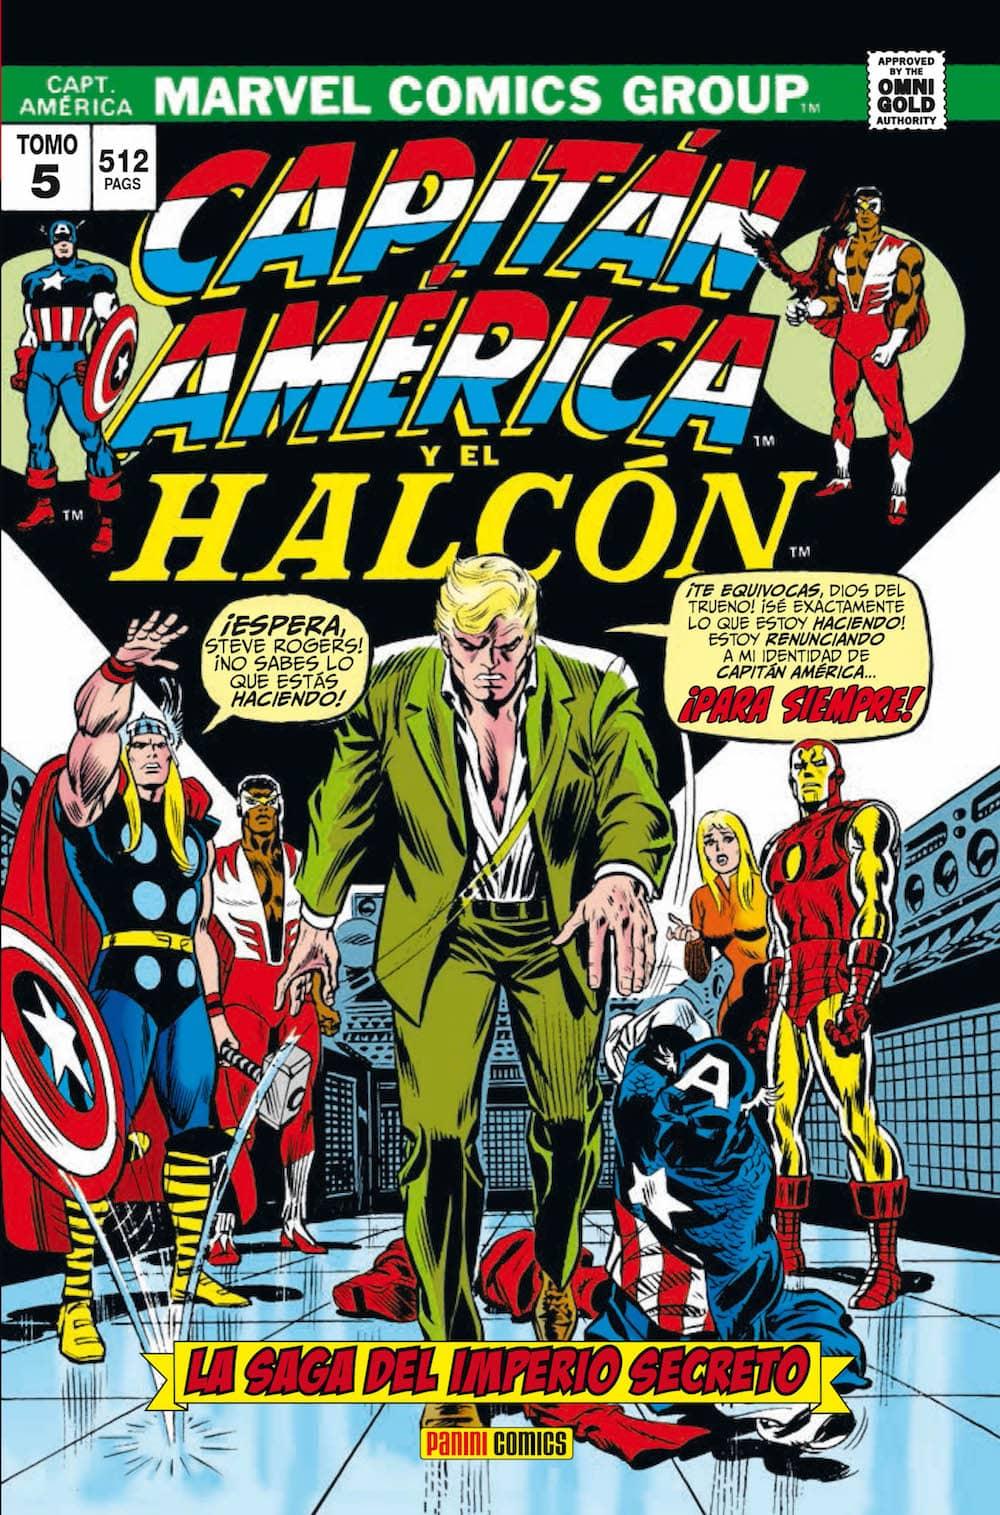 CAPITAN AMERICA Y EL HALCON 05. LA SAGA DEL IMPERIO SECRETO (MARVEL GOLD)